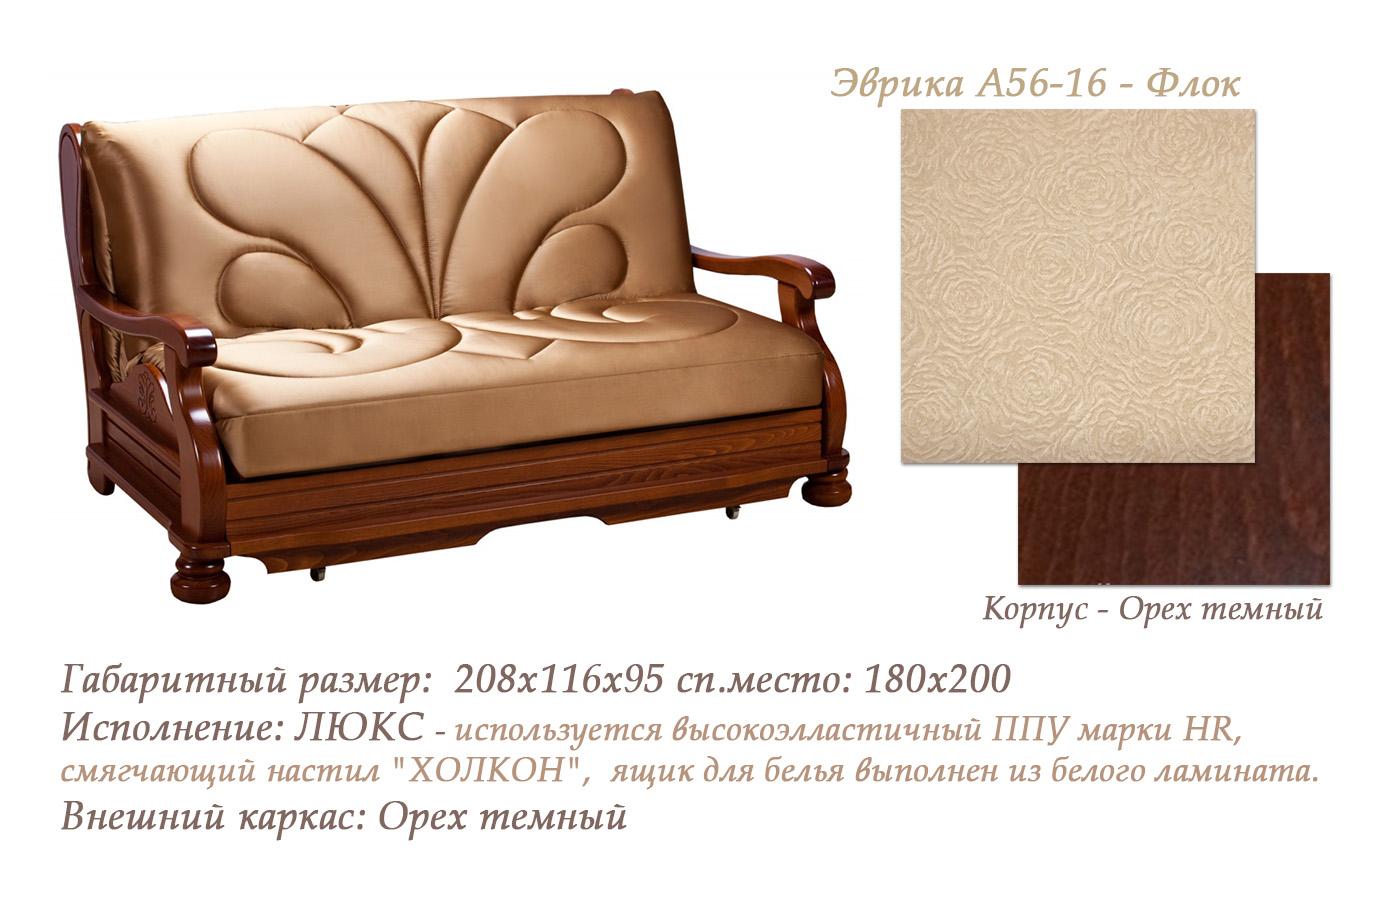 Диван аккордеон Милан с деревянными подлокотниками-677 диван аккордеон брест с деревянными подлокотниками